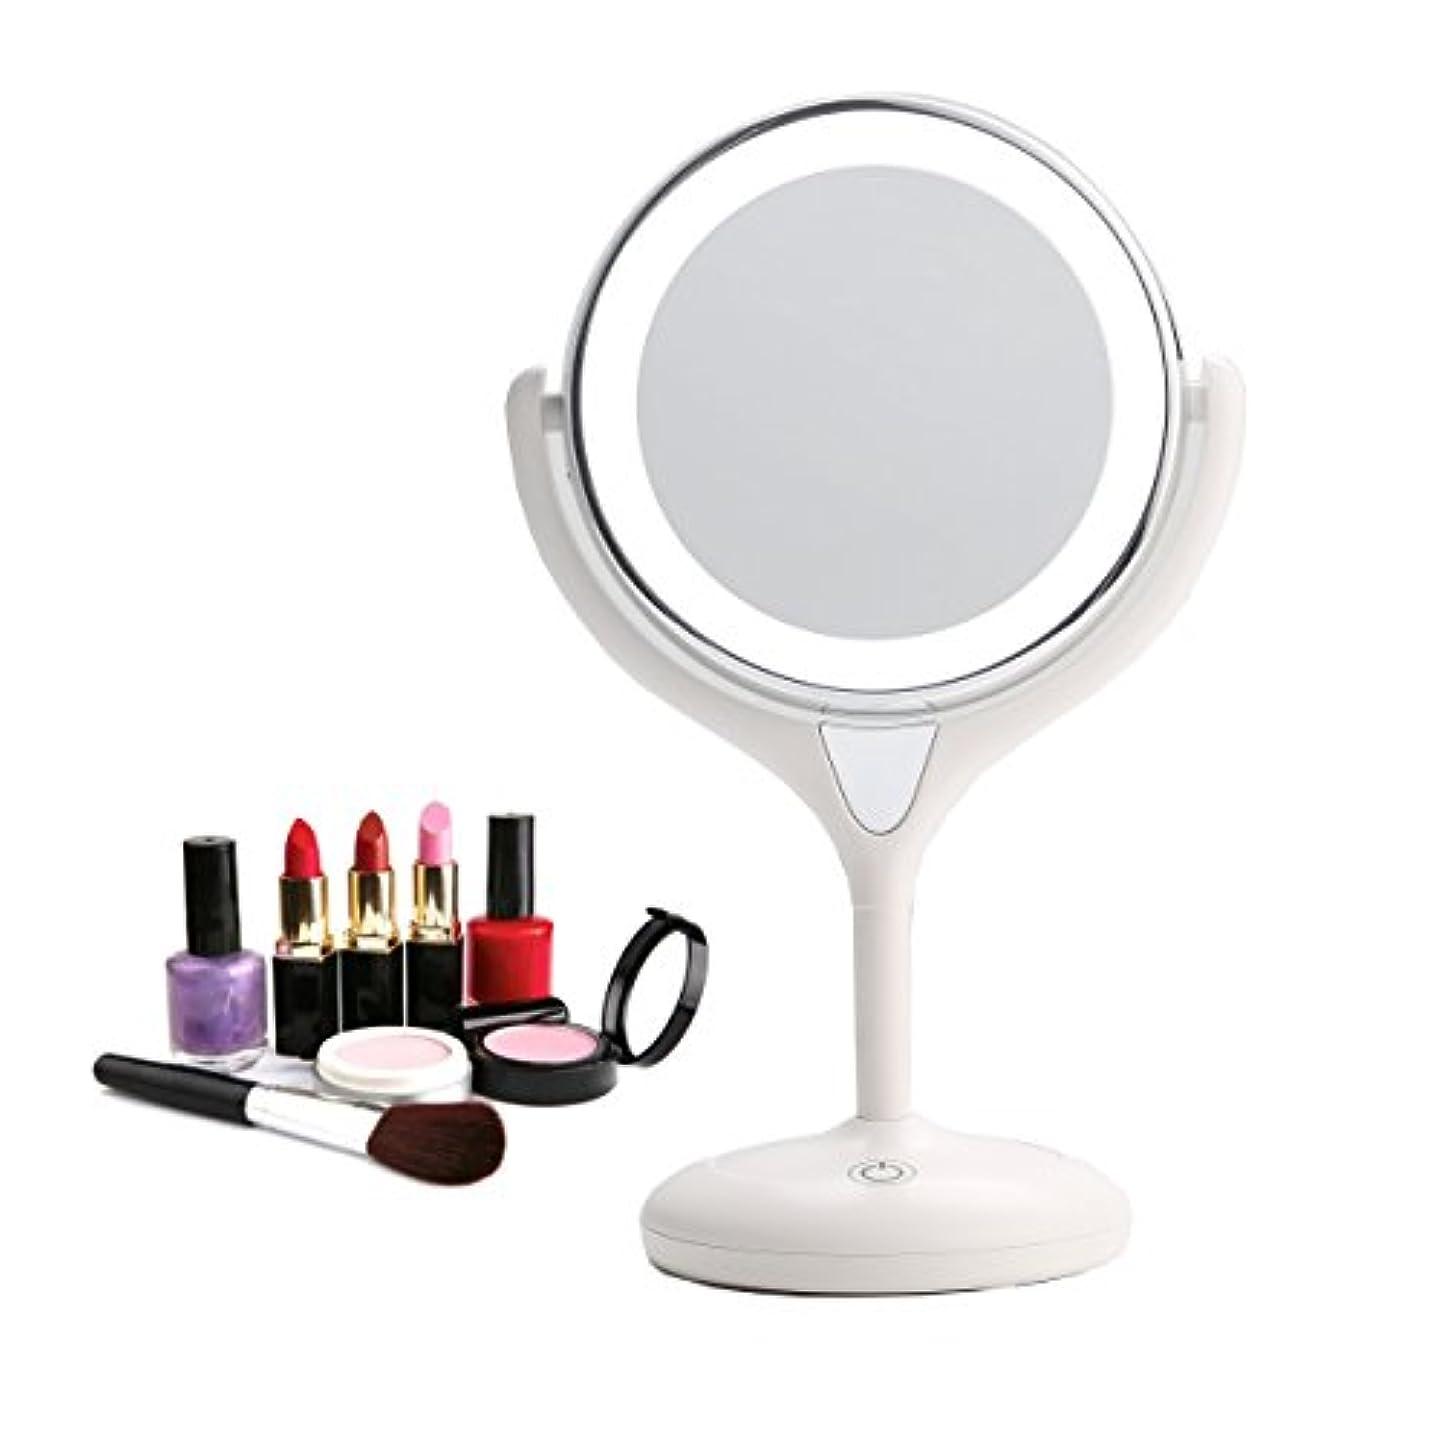 窒素リベラル十一Bestaid-スタンドミラー シンプルデザイン 真実の両面鏡DX 10倍拡大鏡 360度回転 卓上鏡 メイク 化粧道具 14 * 11.5 * 28.5cm